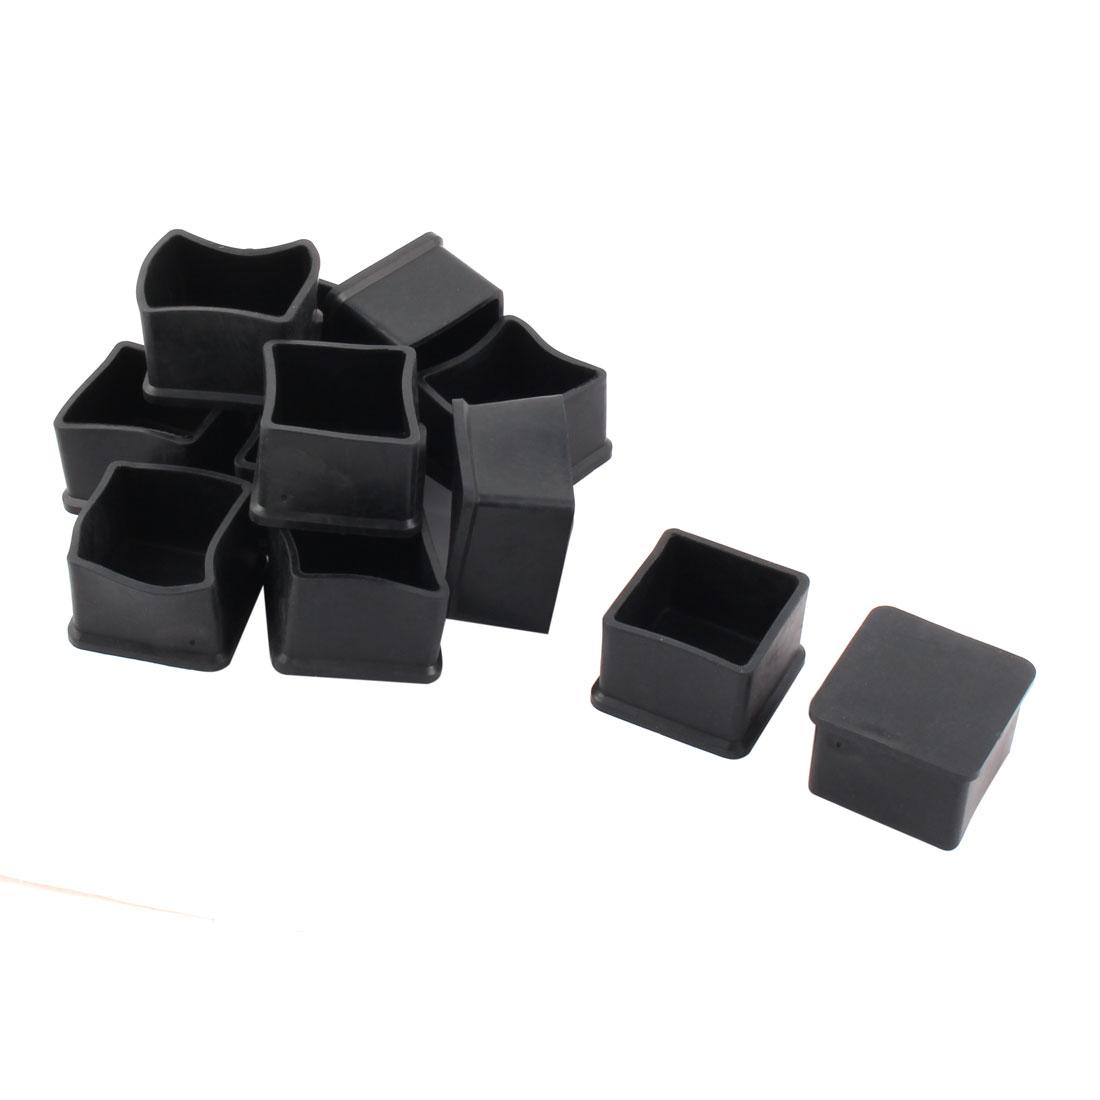 Rubber Square Design Anti-slip Furniture Cupboard Leg Cover Pad Cap 12pcs